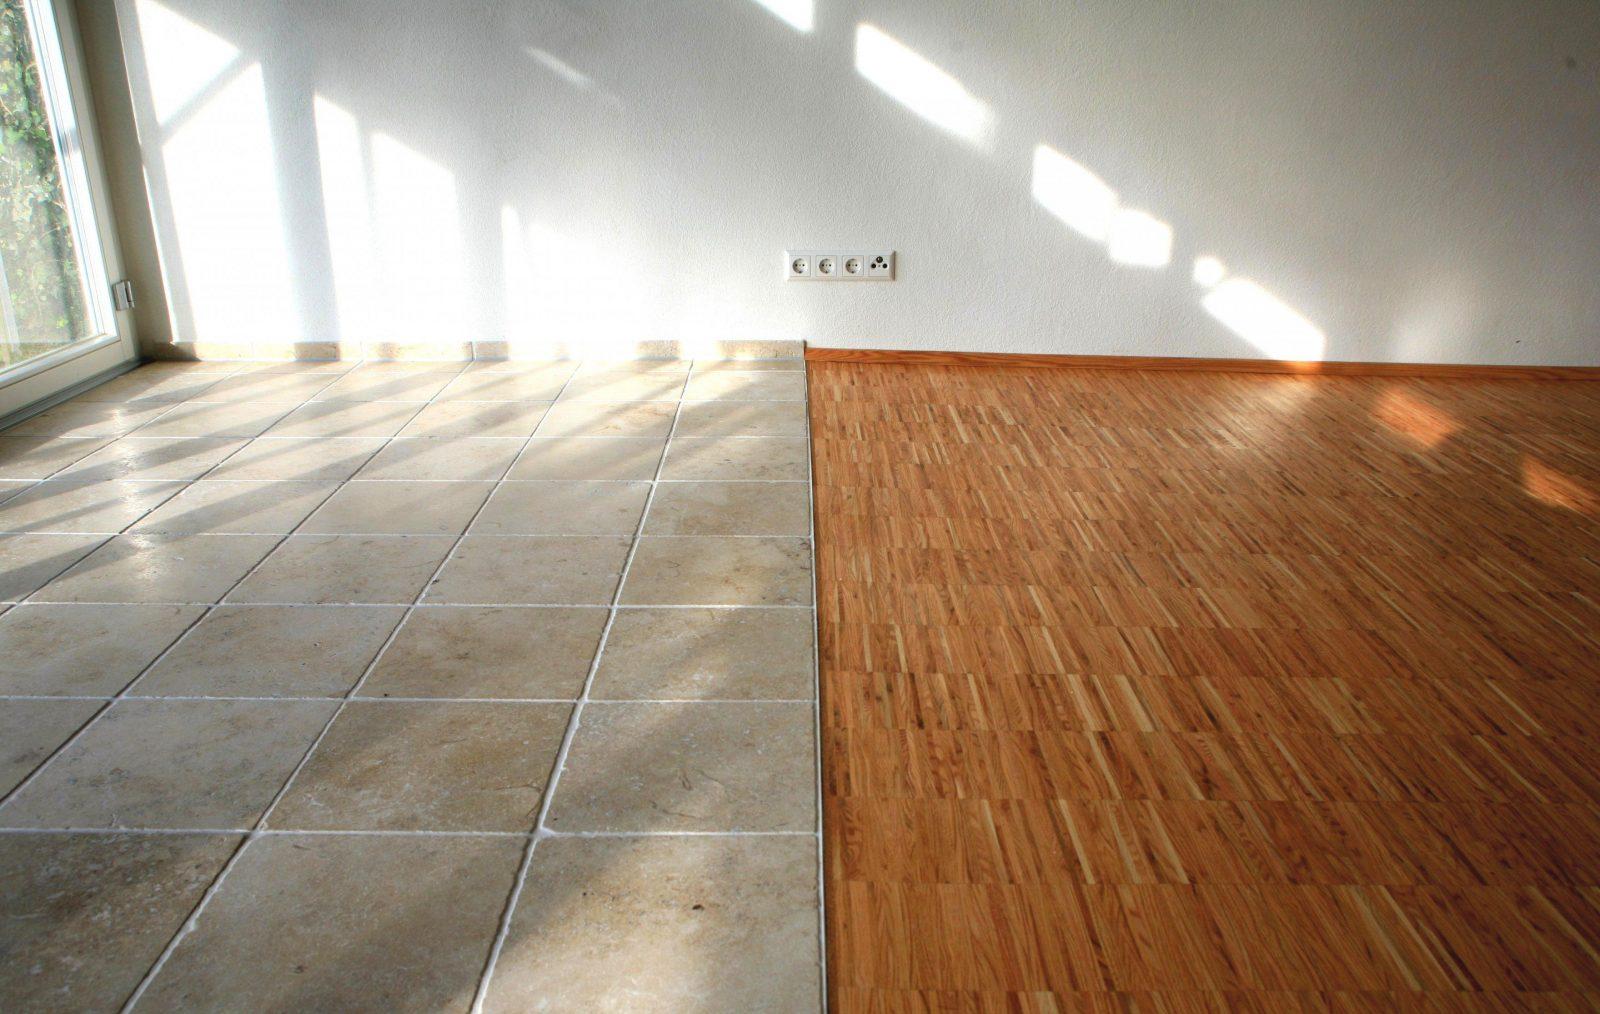 Elegantes Vinylboden Auf Fliesen Verlegen Fußbodenheizung – Cblonline von Vinylboden Auf Fliesen Mit Fussbodenheizung Verlegen Bild